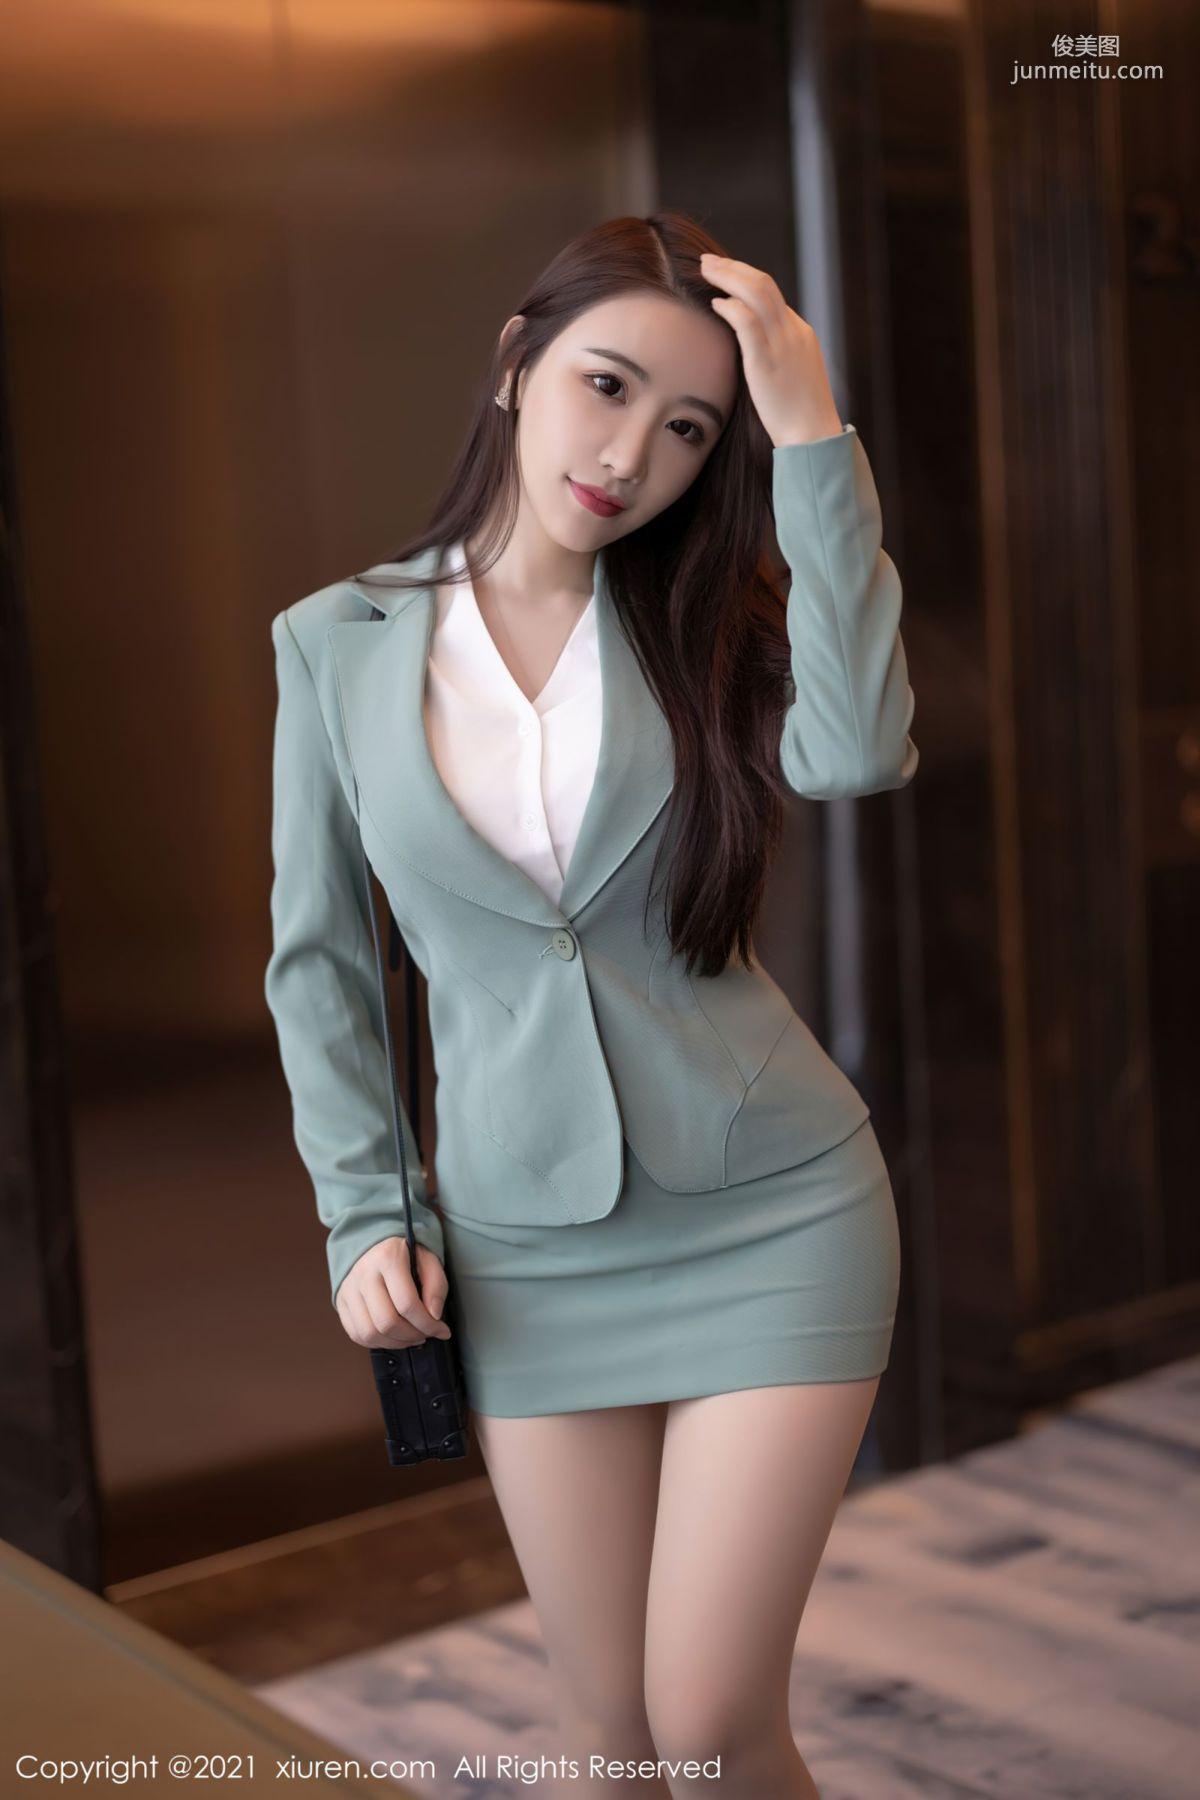 宅男女神绯月樱 浅绿色的职业装